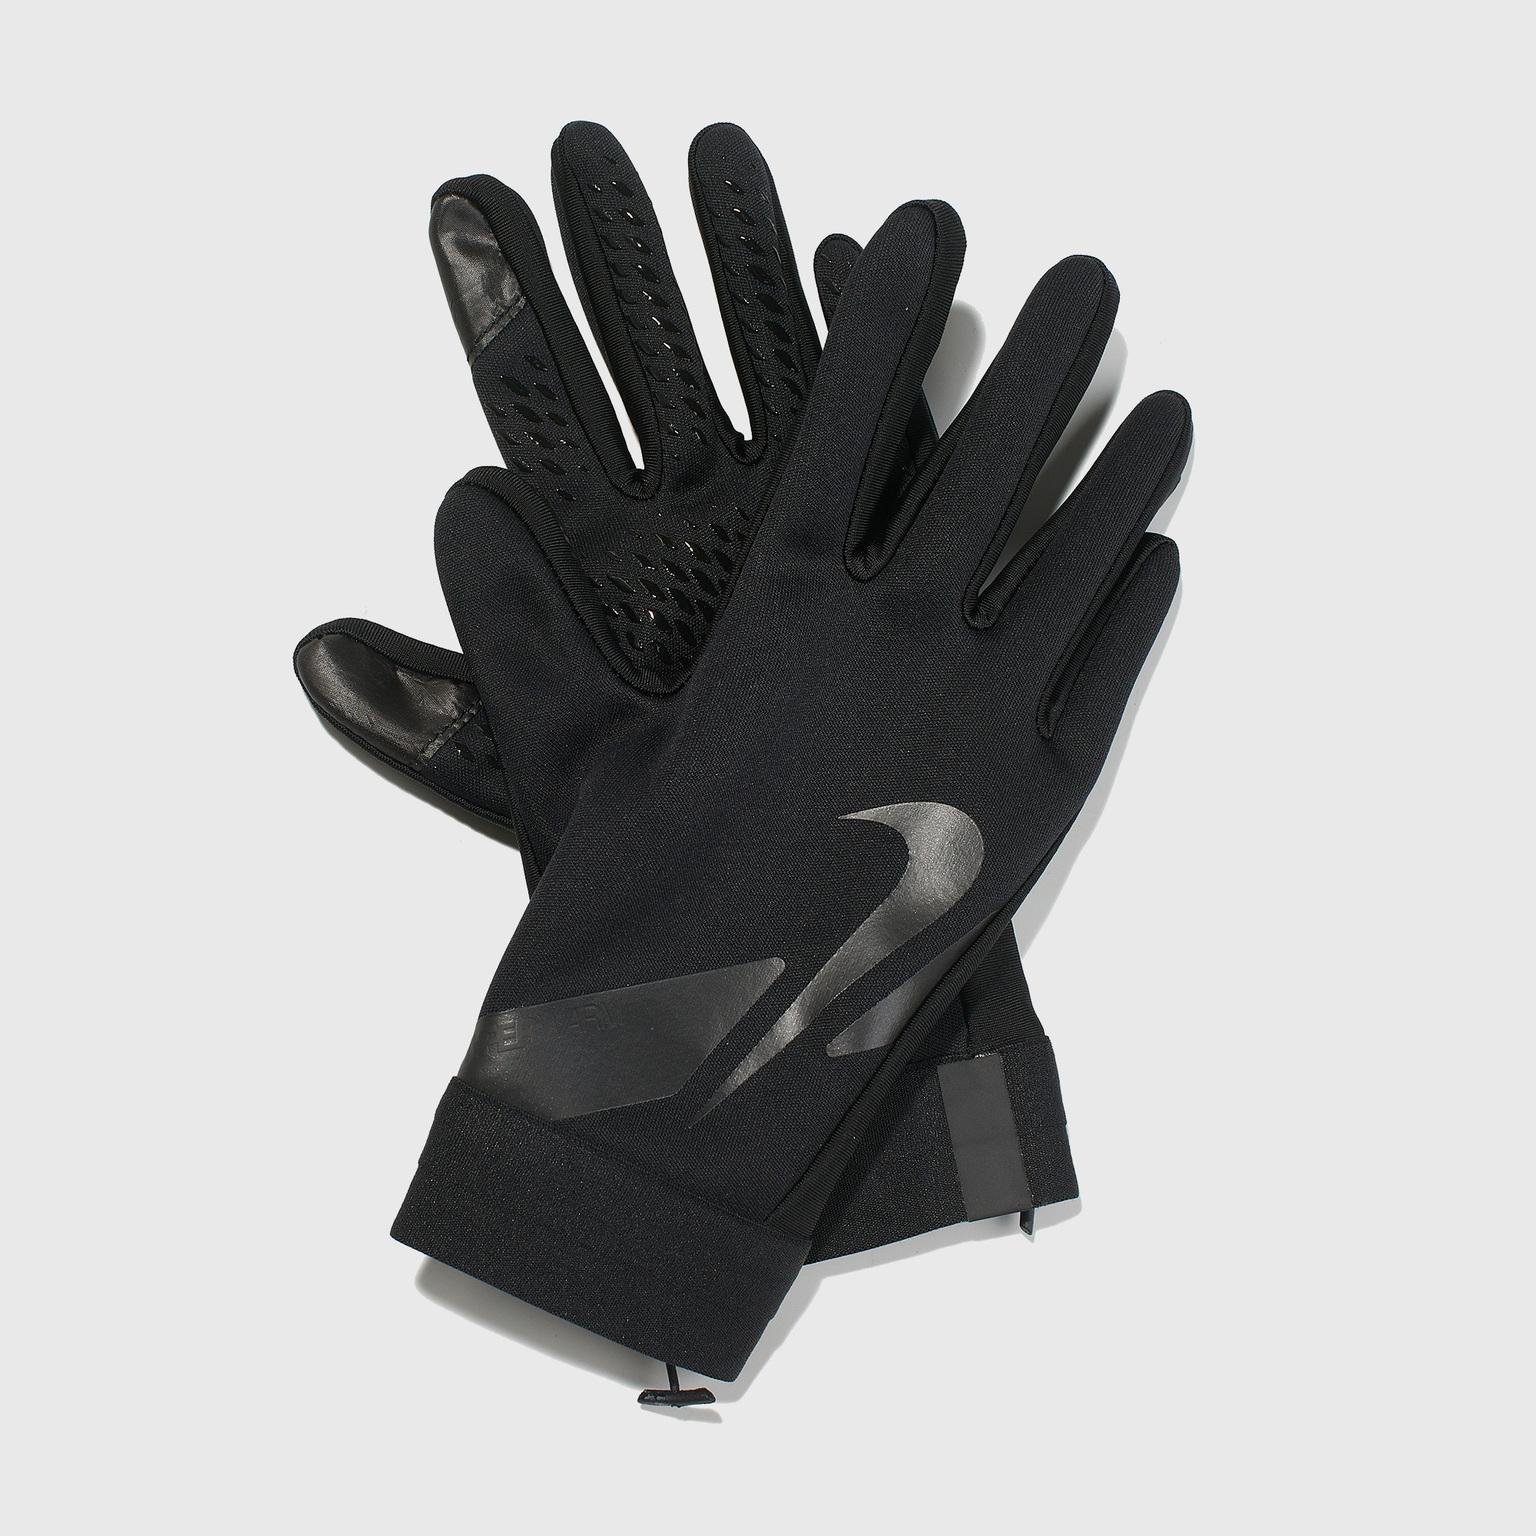 Перчатки тренировочные детские Nike Academy Hyperwarm CU1595-011 перчатки вратарские nike vapor grip 3 cn5650 011